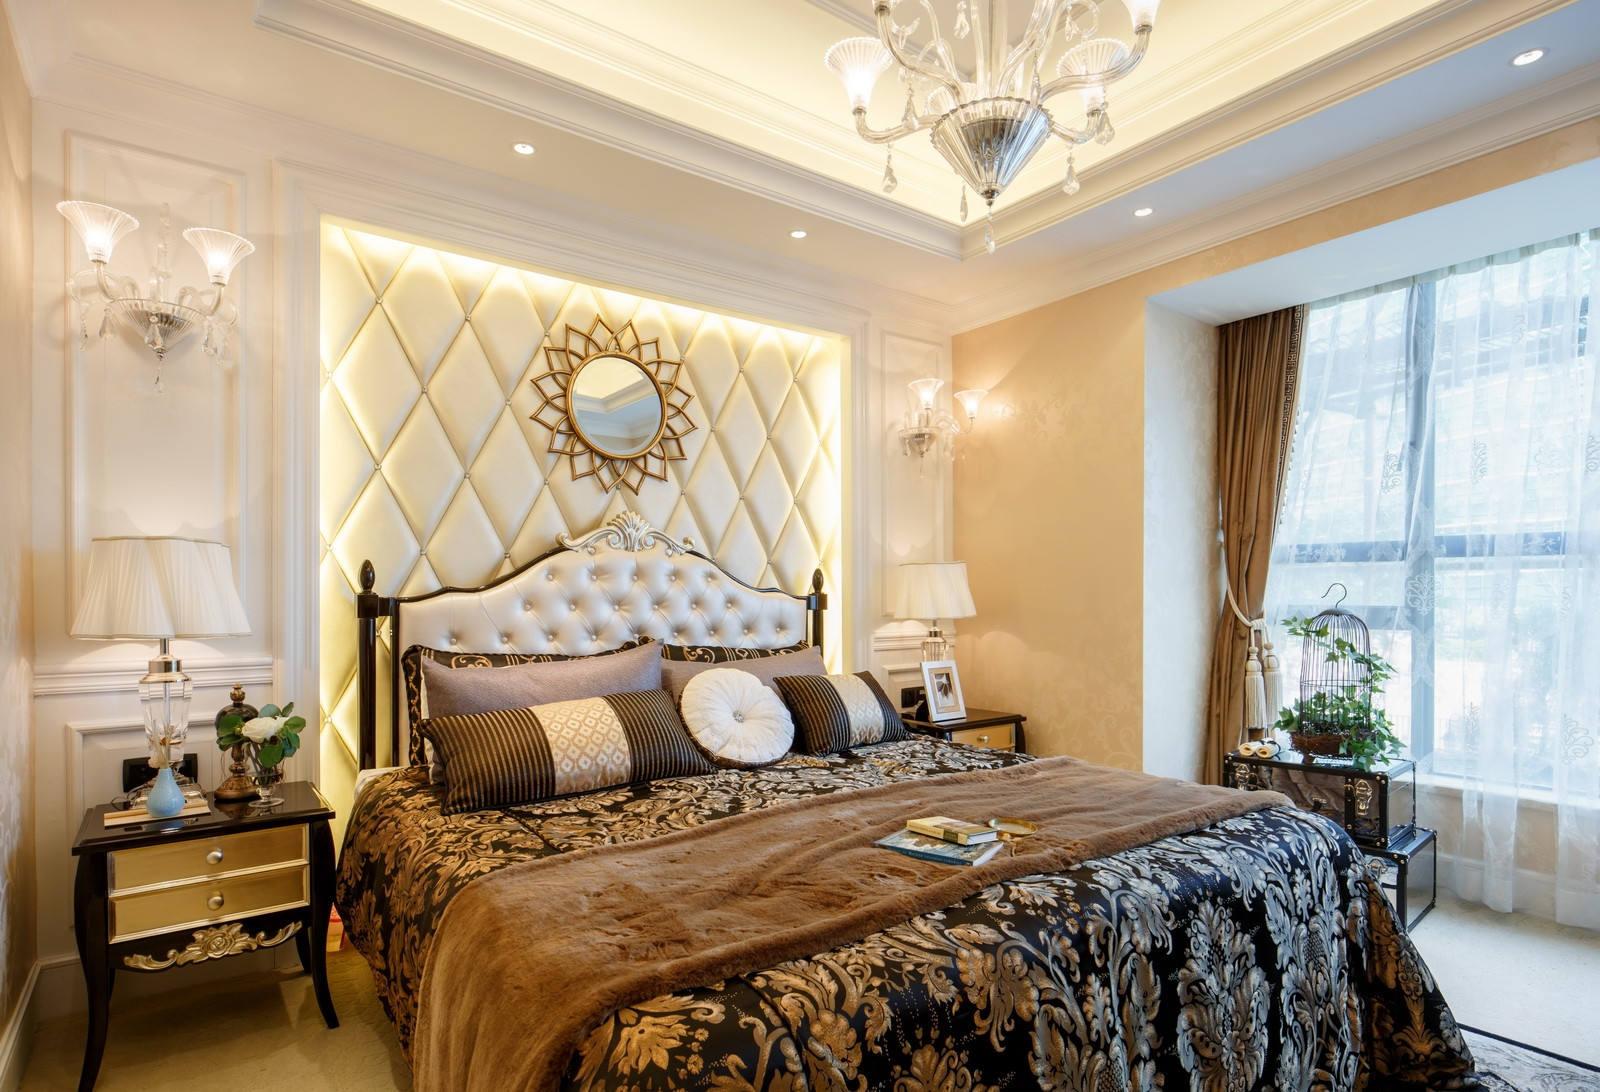 高贵典雅欧式卧室背景墙装潢效果图